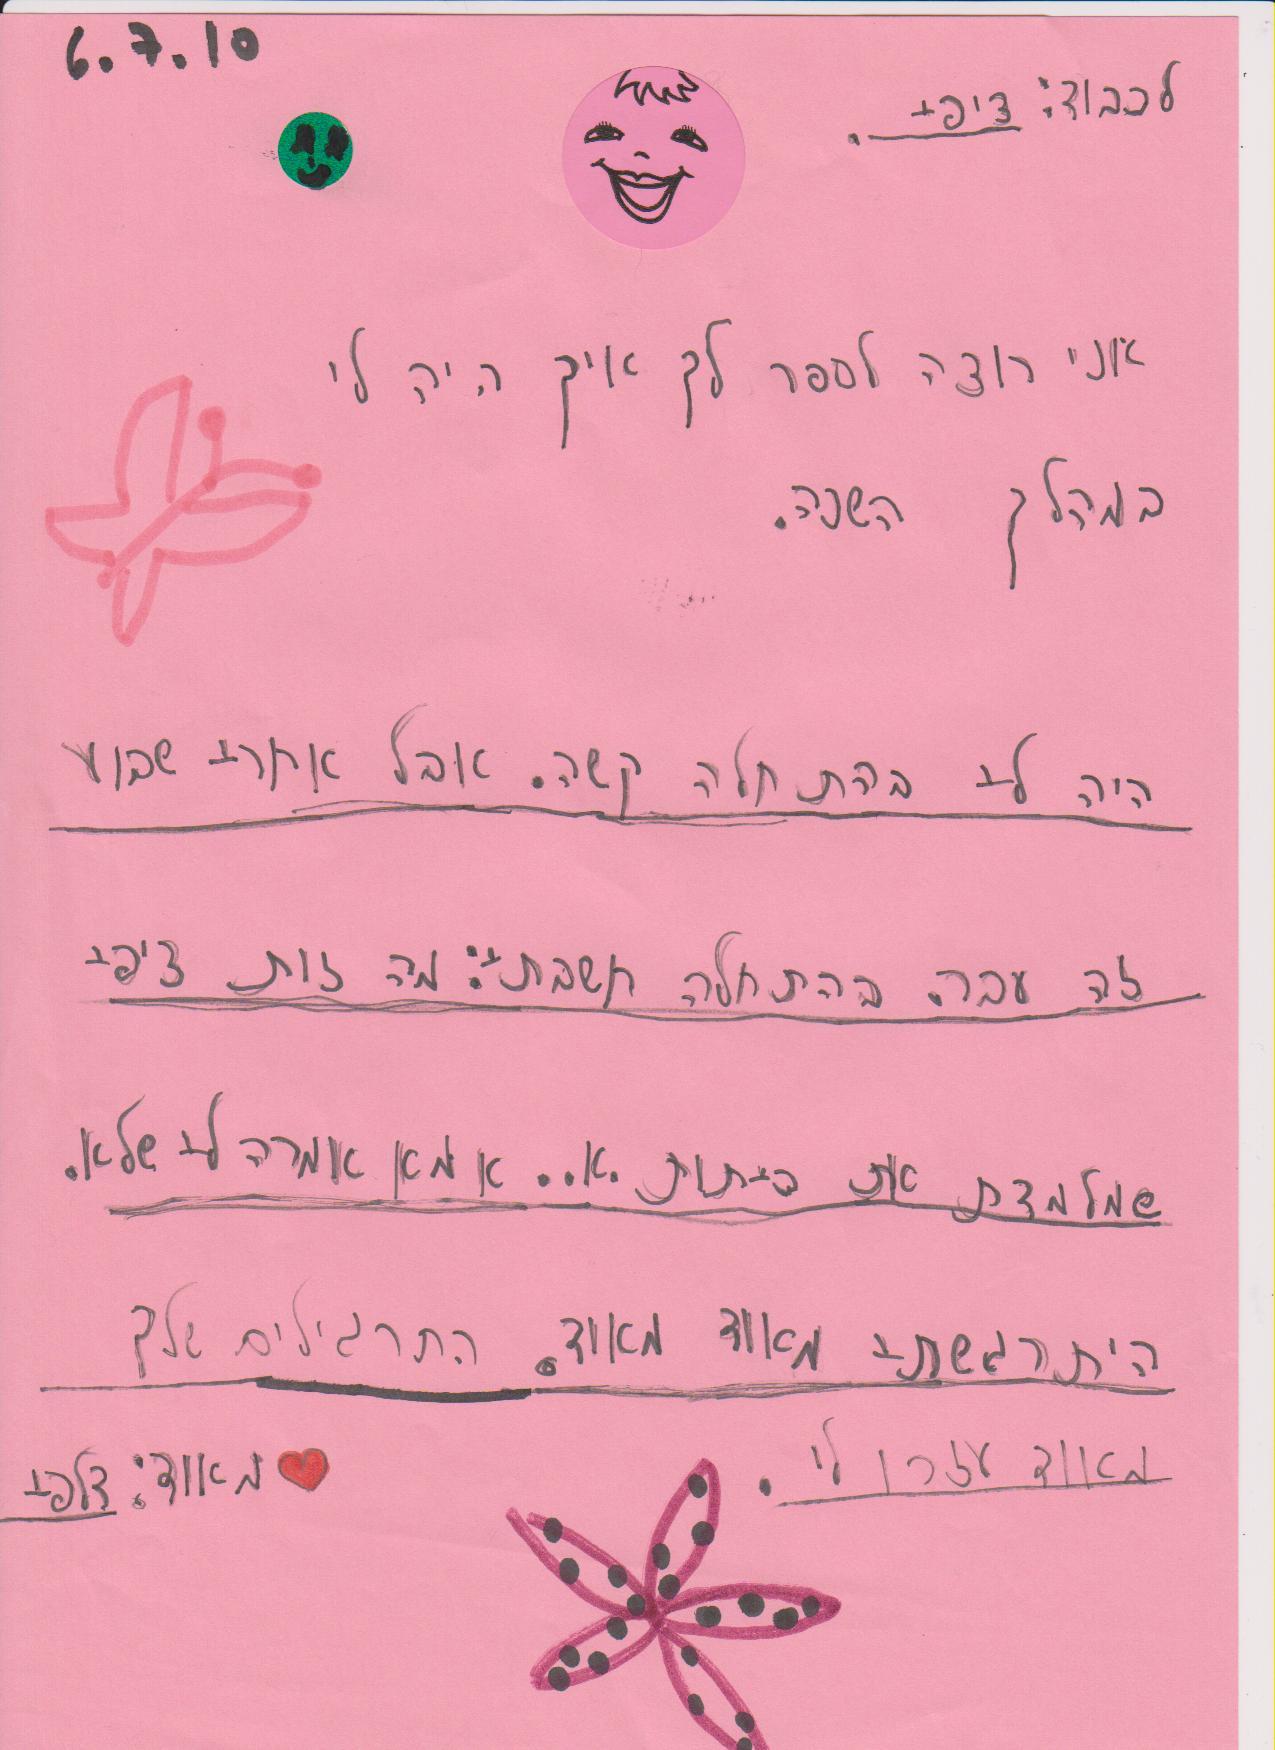 מכתב של דלפי 2